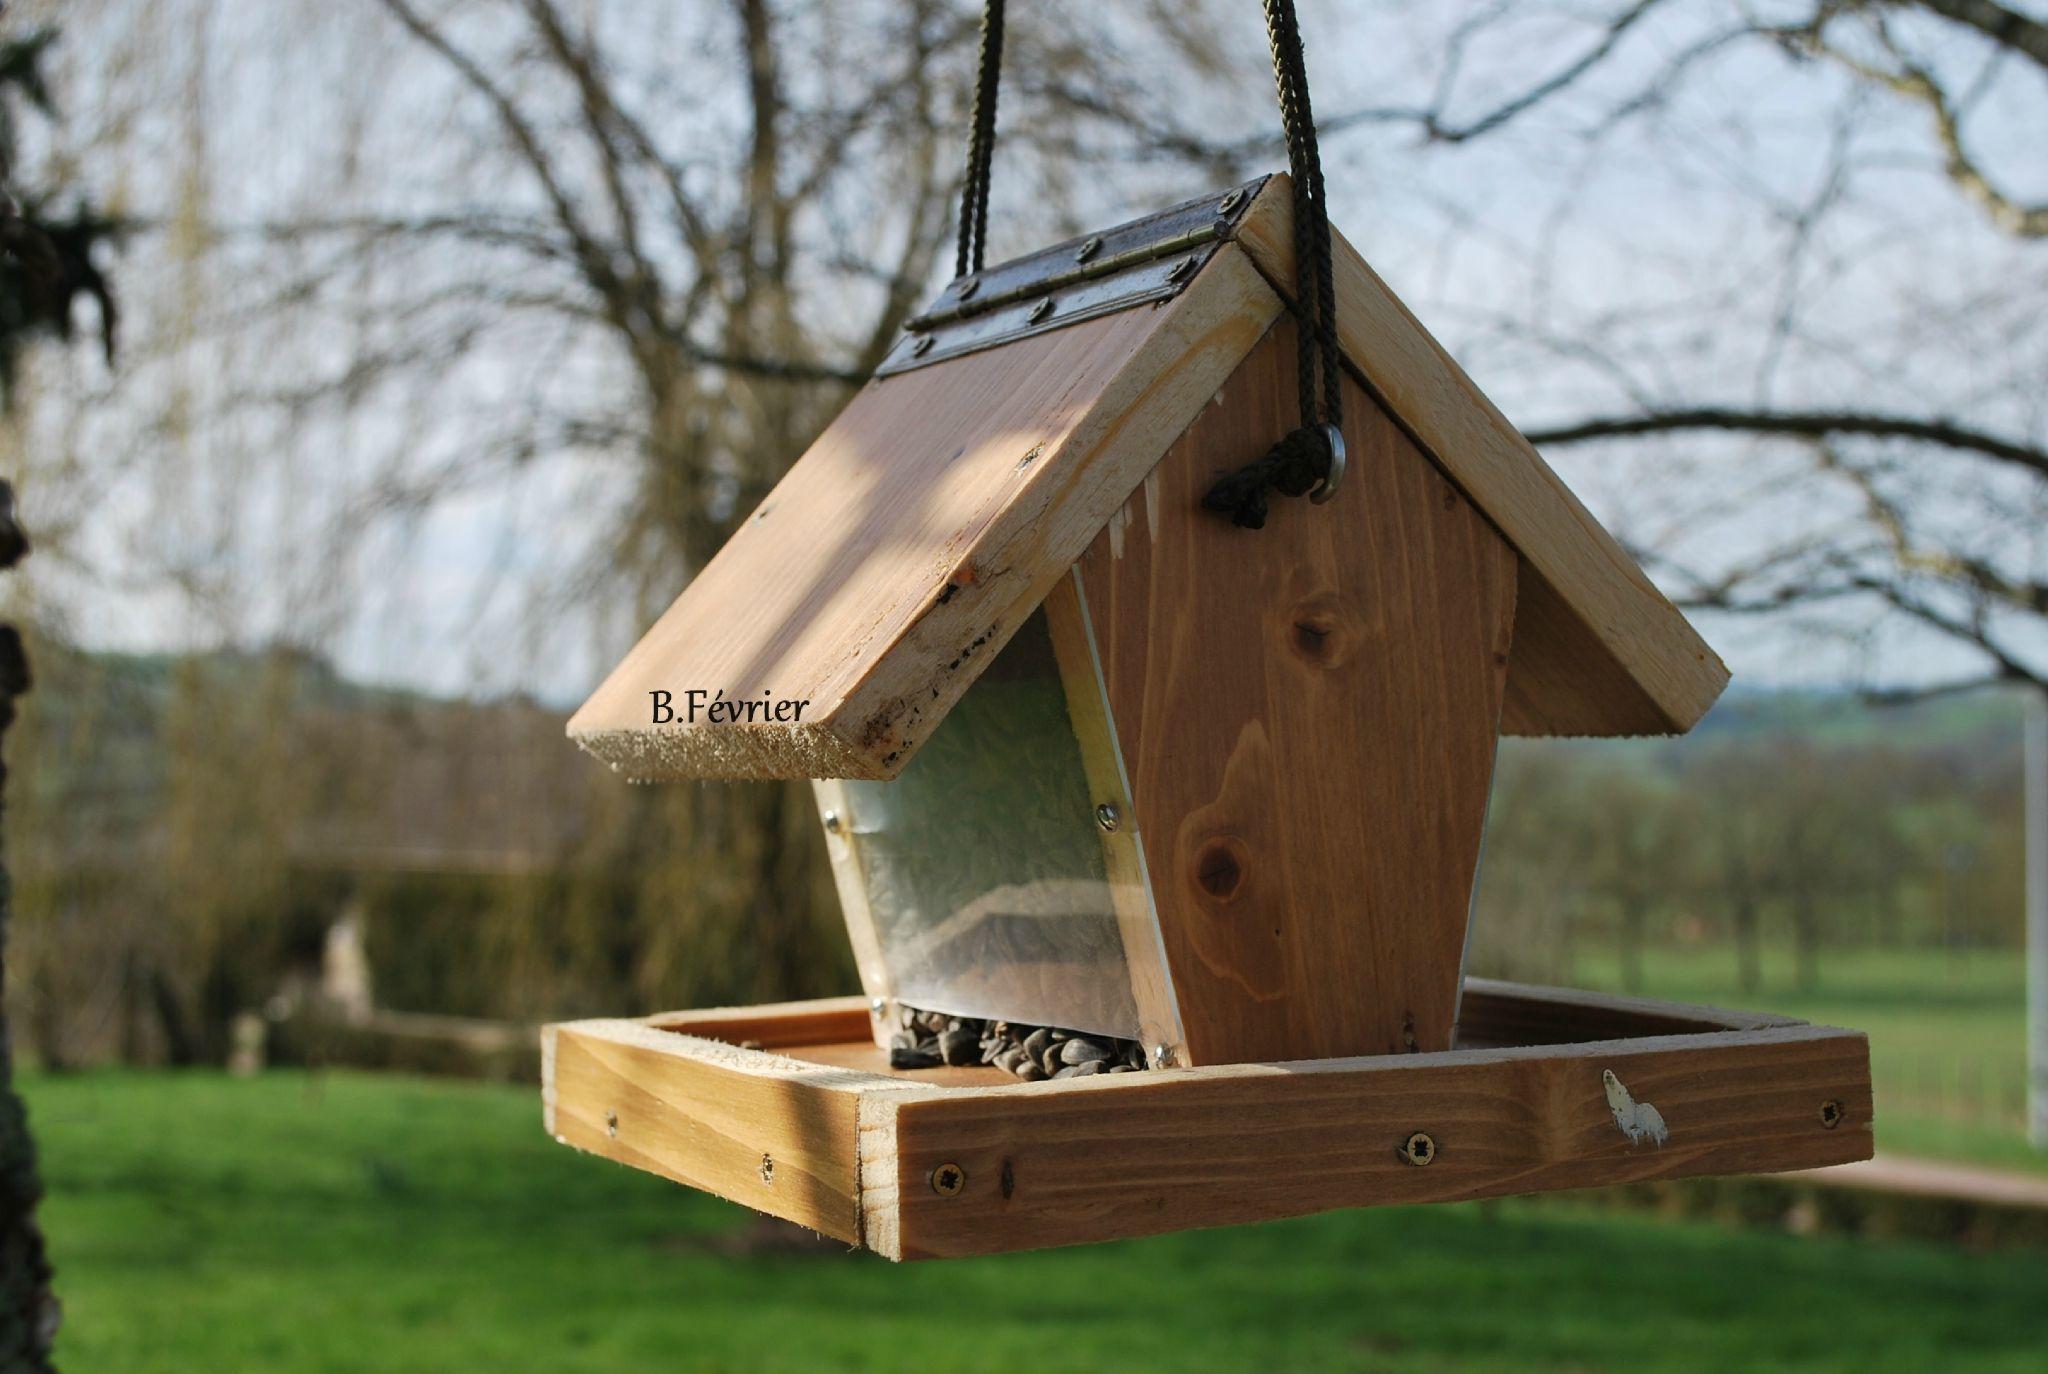 fabrication de mangeoire pour oiseaux du jardin id e jardin pinterest mangeoire oiseau. Black Bedroom Furniture Sets. Home Design Ideas